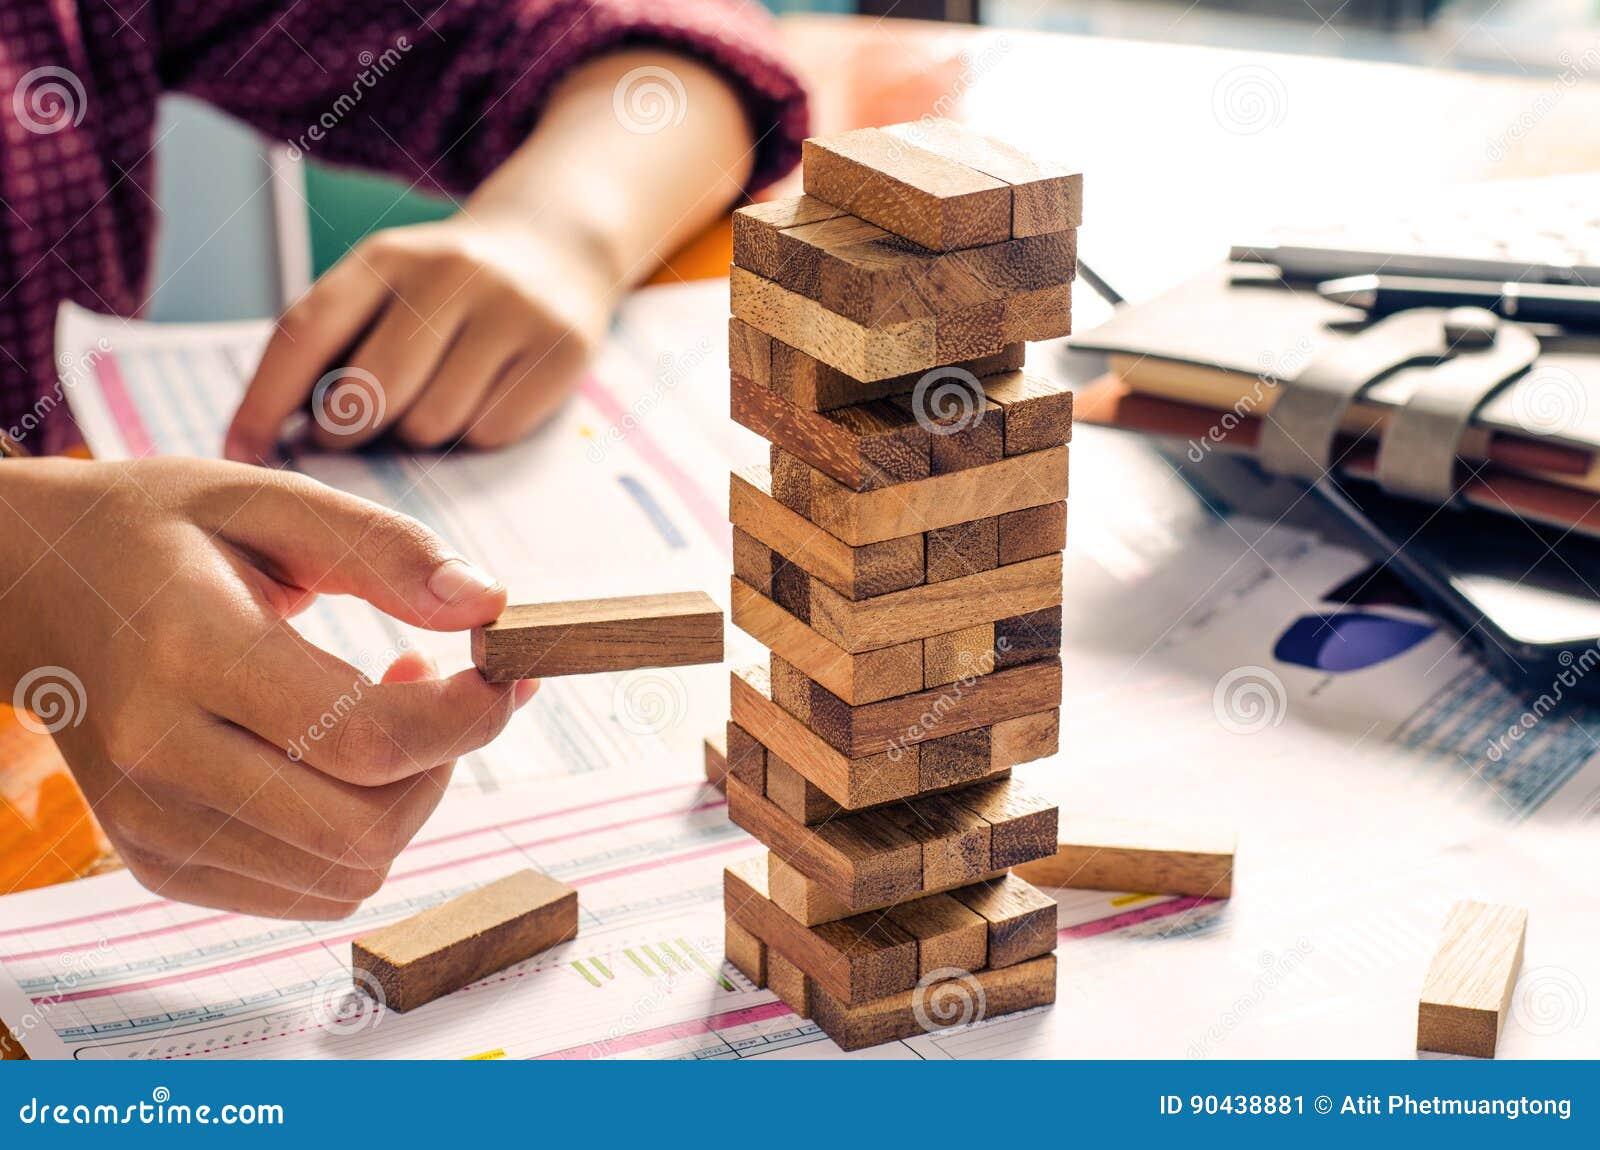 Geschäftsrisiken im Geschäft Erfordert Planung Meditation muss beim Entscheiden achtgeben, das Risiko im Geschäft zu verringern